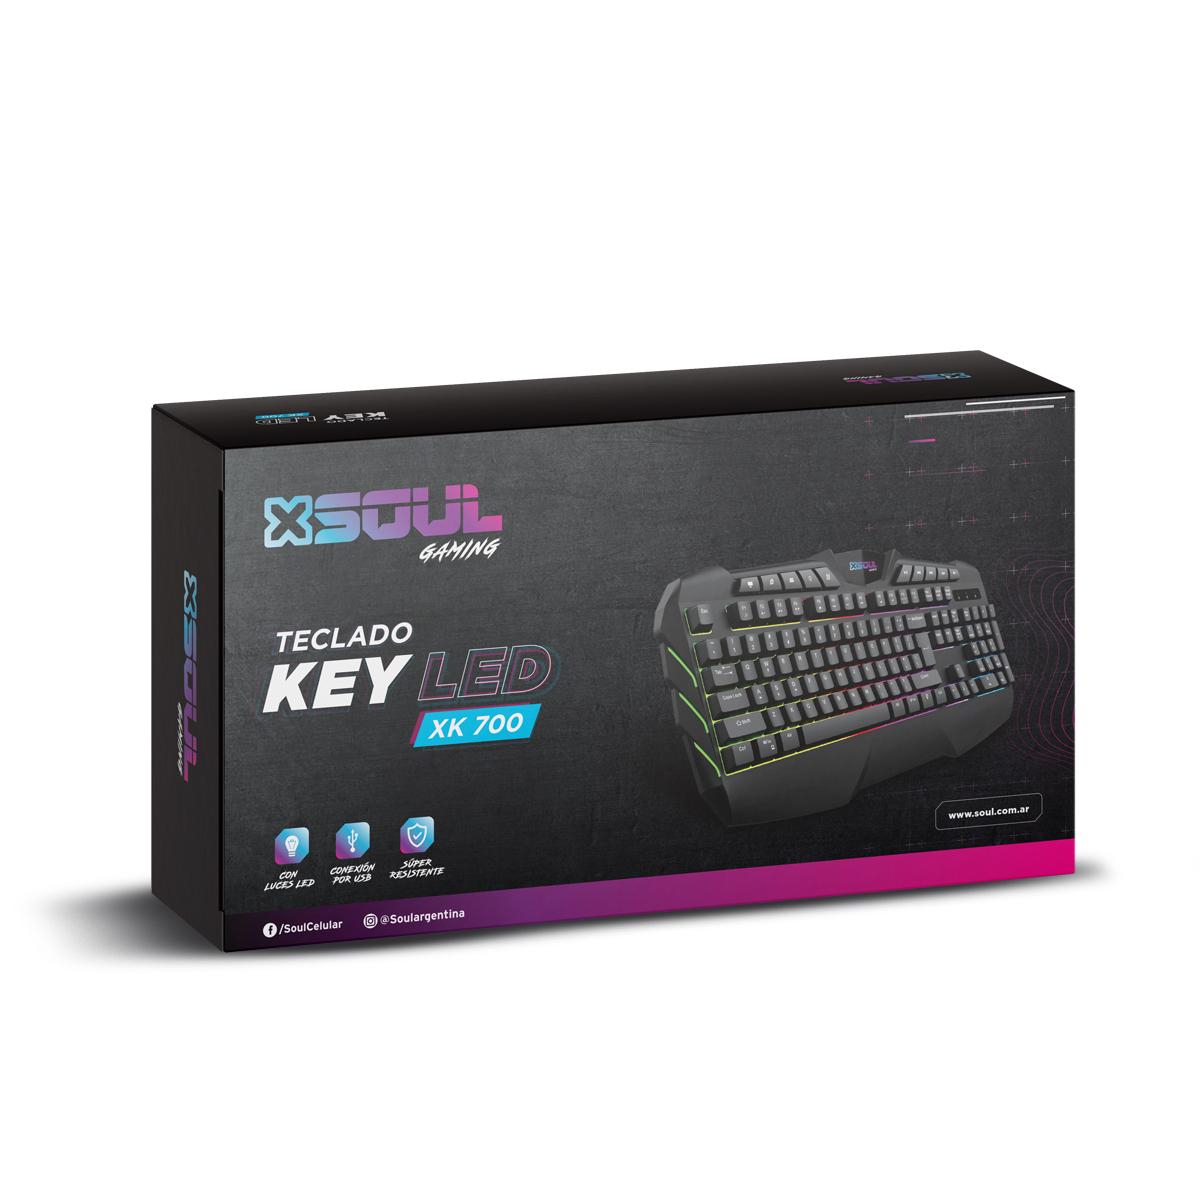 Teclado Gaming XK700